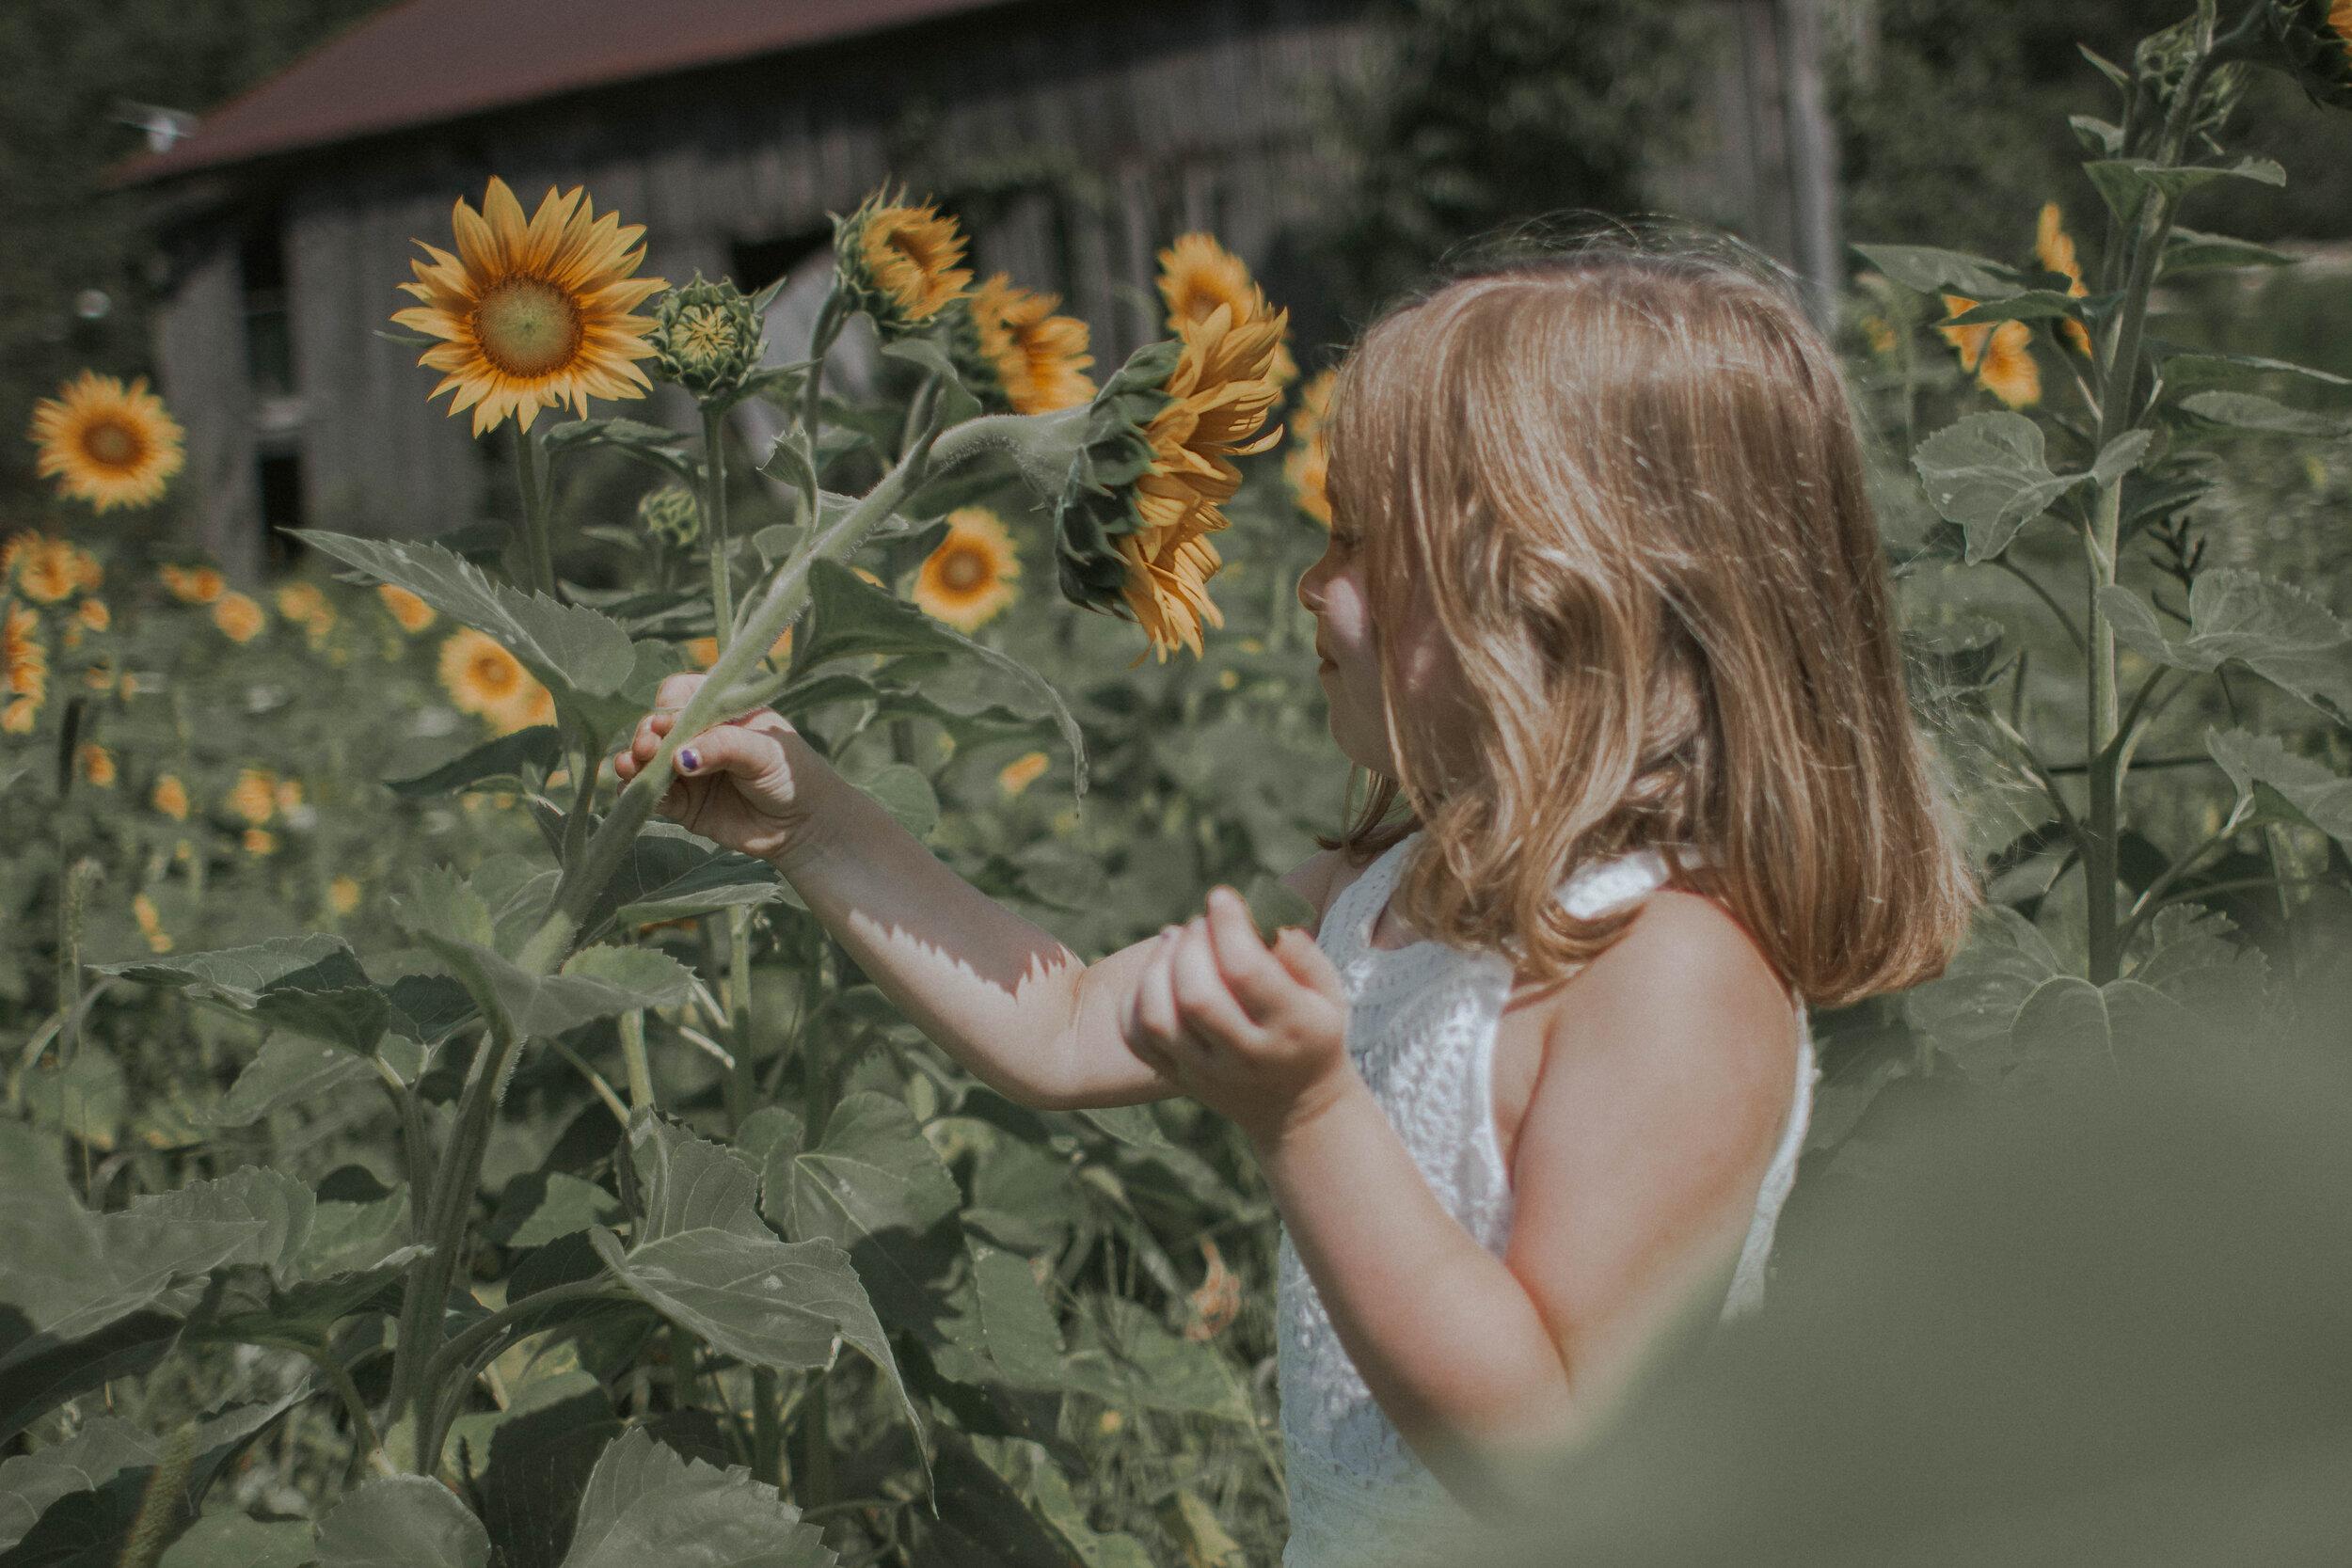 maggiemase_sunflowers_aug-20.jpg